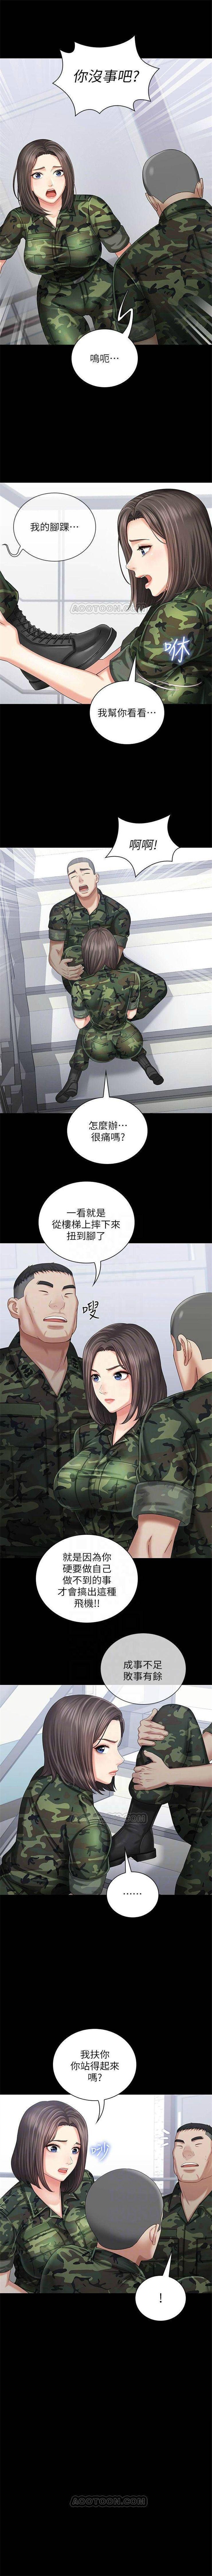 妹妹的義務 1-38 官方中文(連載中) 105